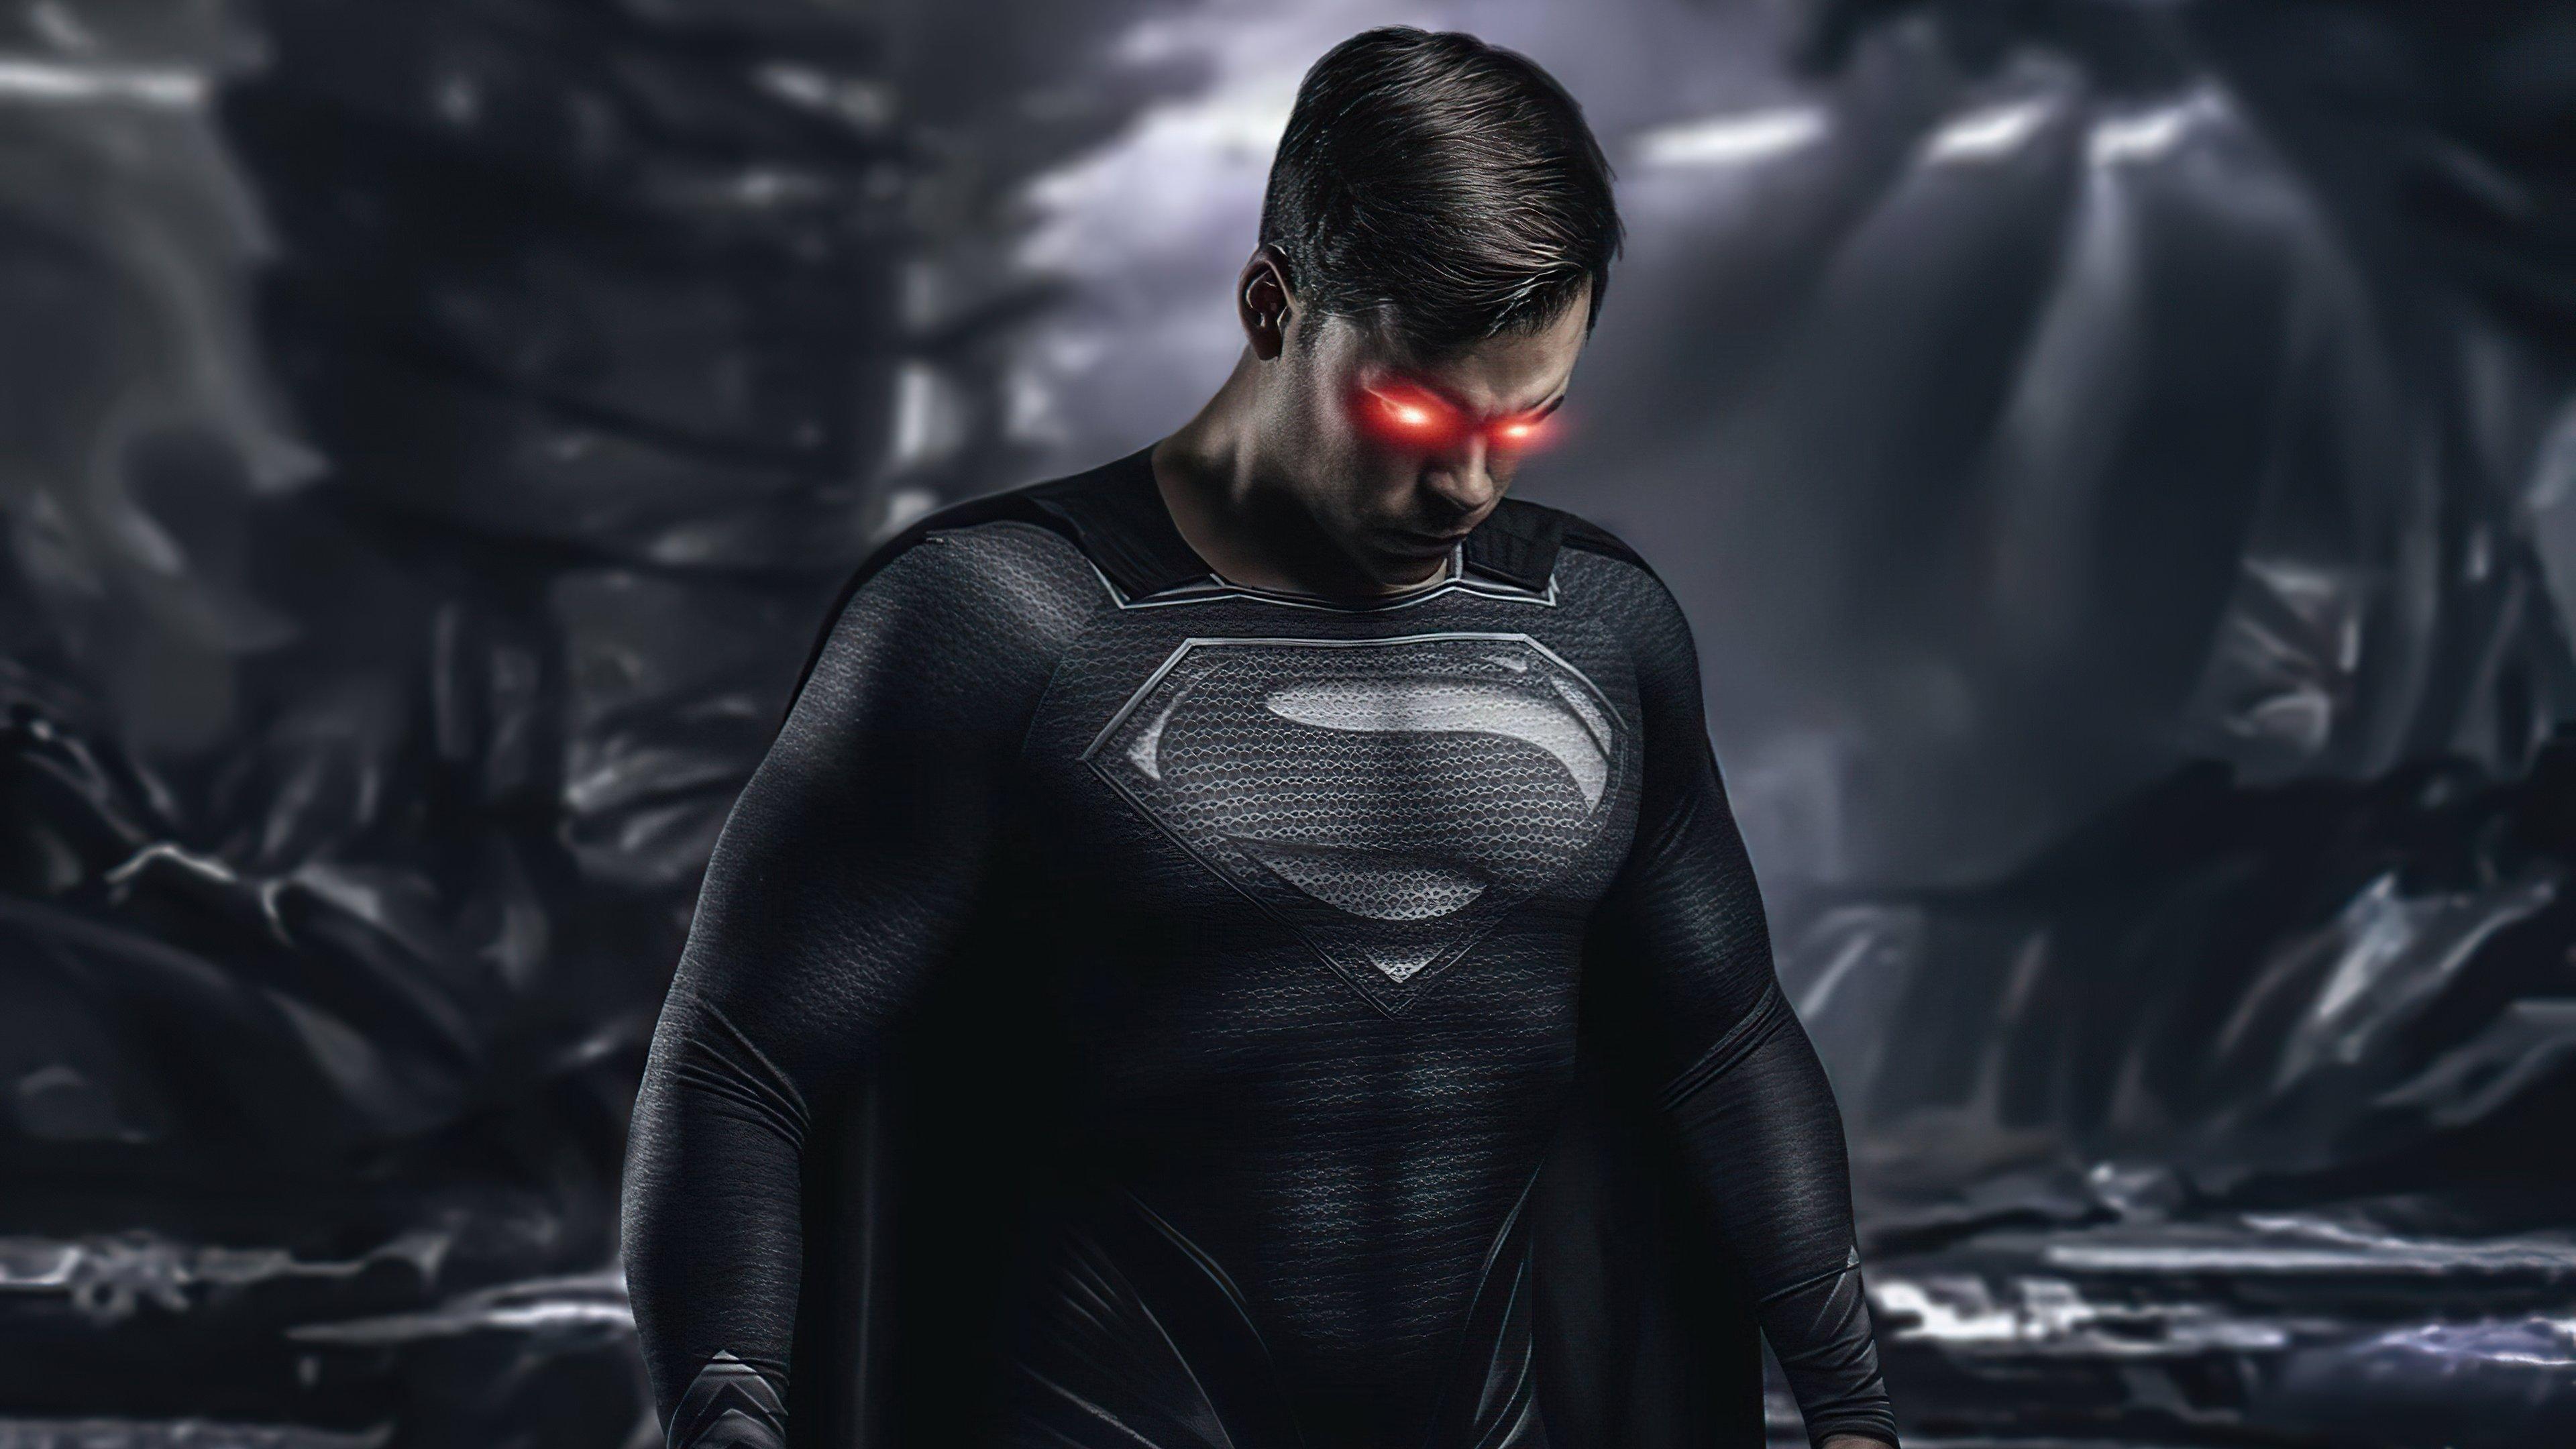 Fondos de pantalla Superman en traje negro y ojos rojos